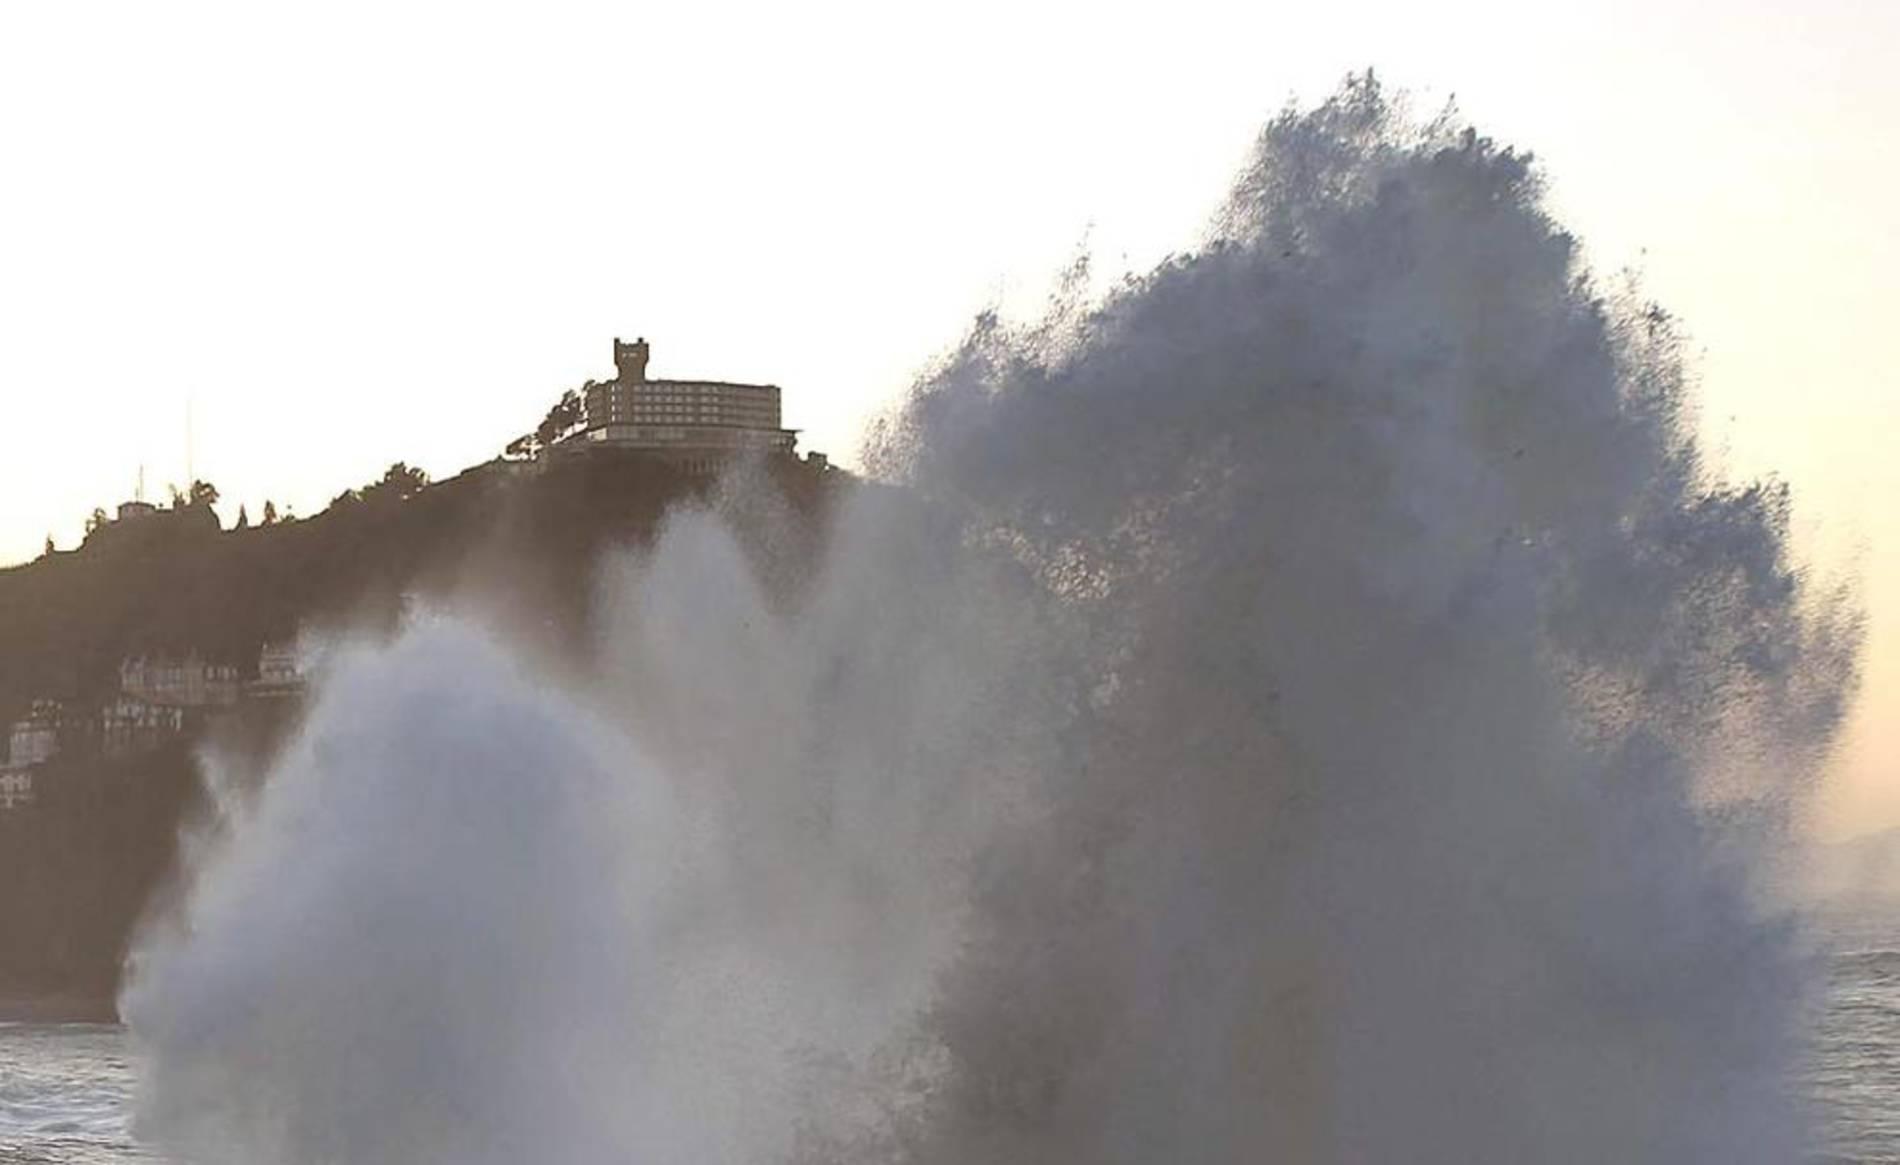 Temporal de viento en el Mar Cantábrico con grandes olas en las localidades de San Sebastián, Getxo, Zumaia y Santander.